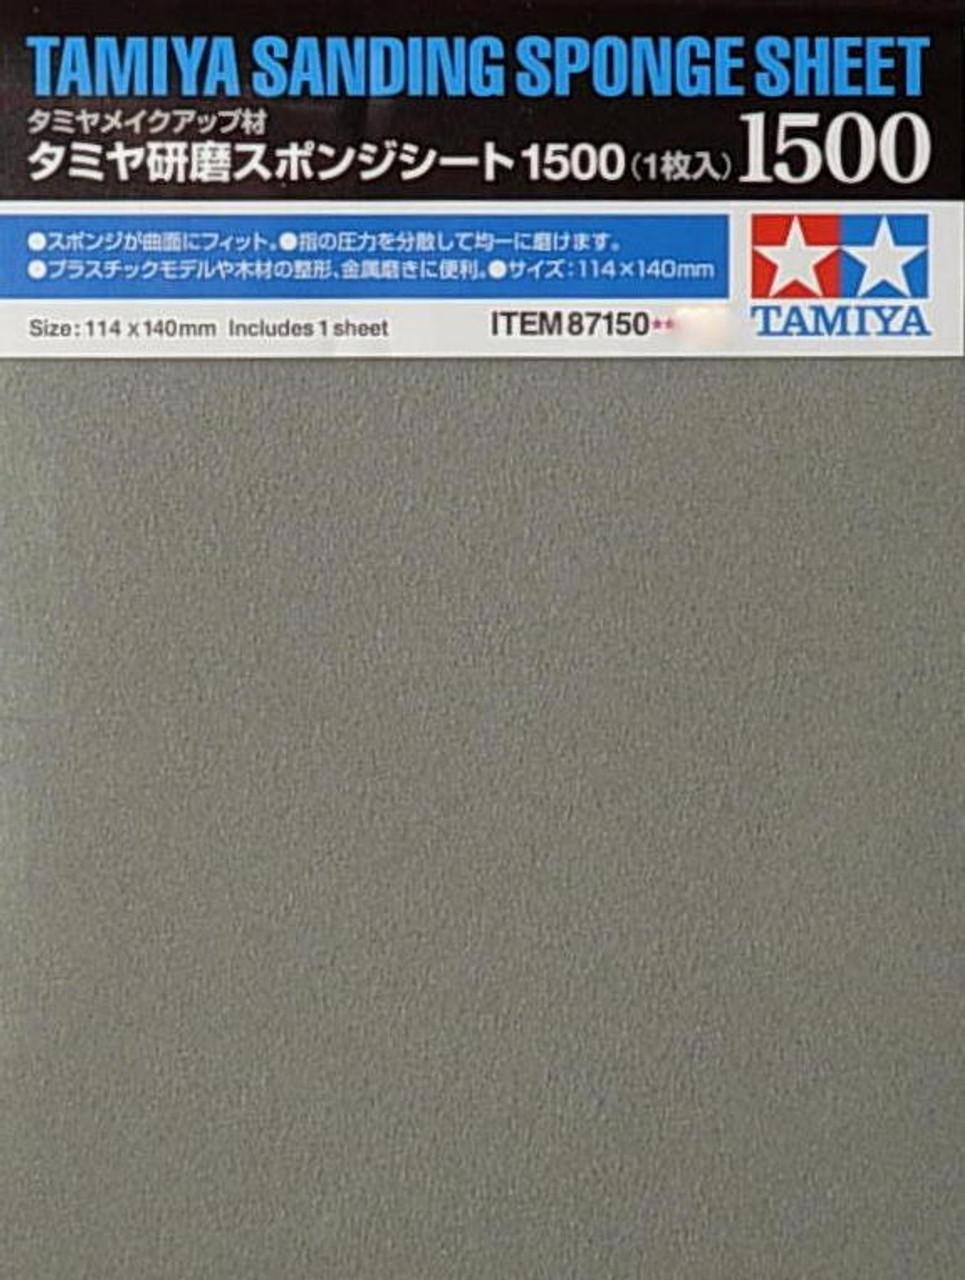 Tamiya Sanding Sponge Sheet 1500 87150